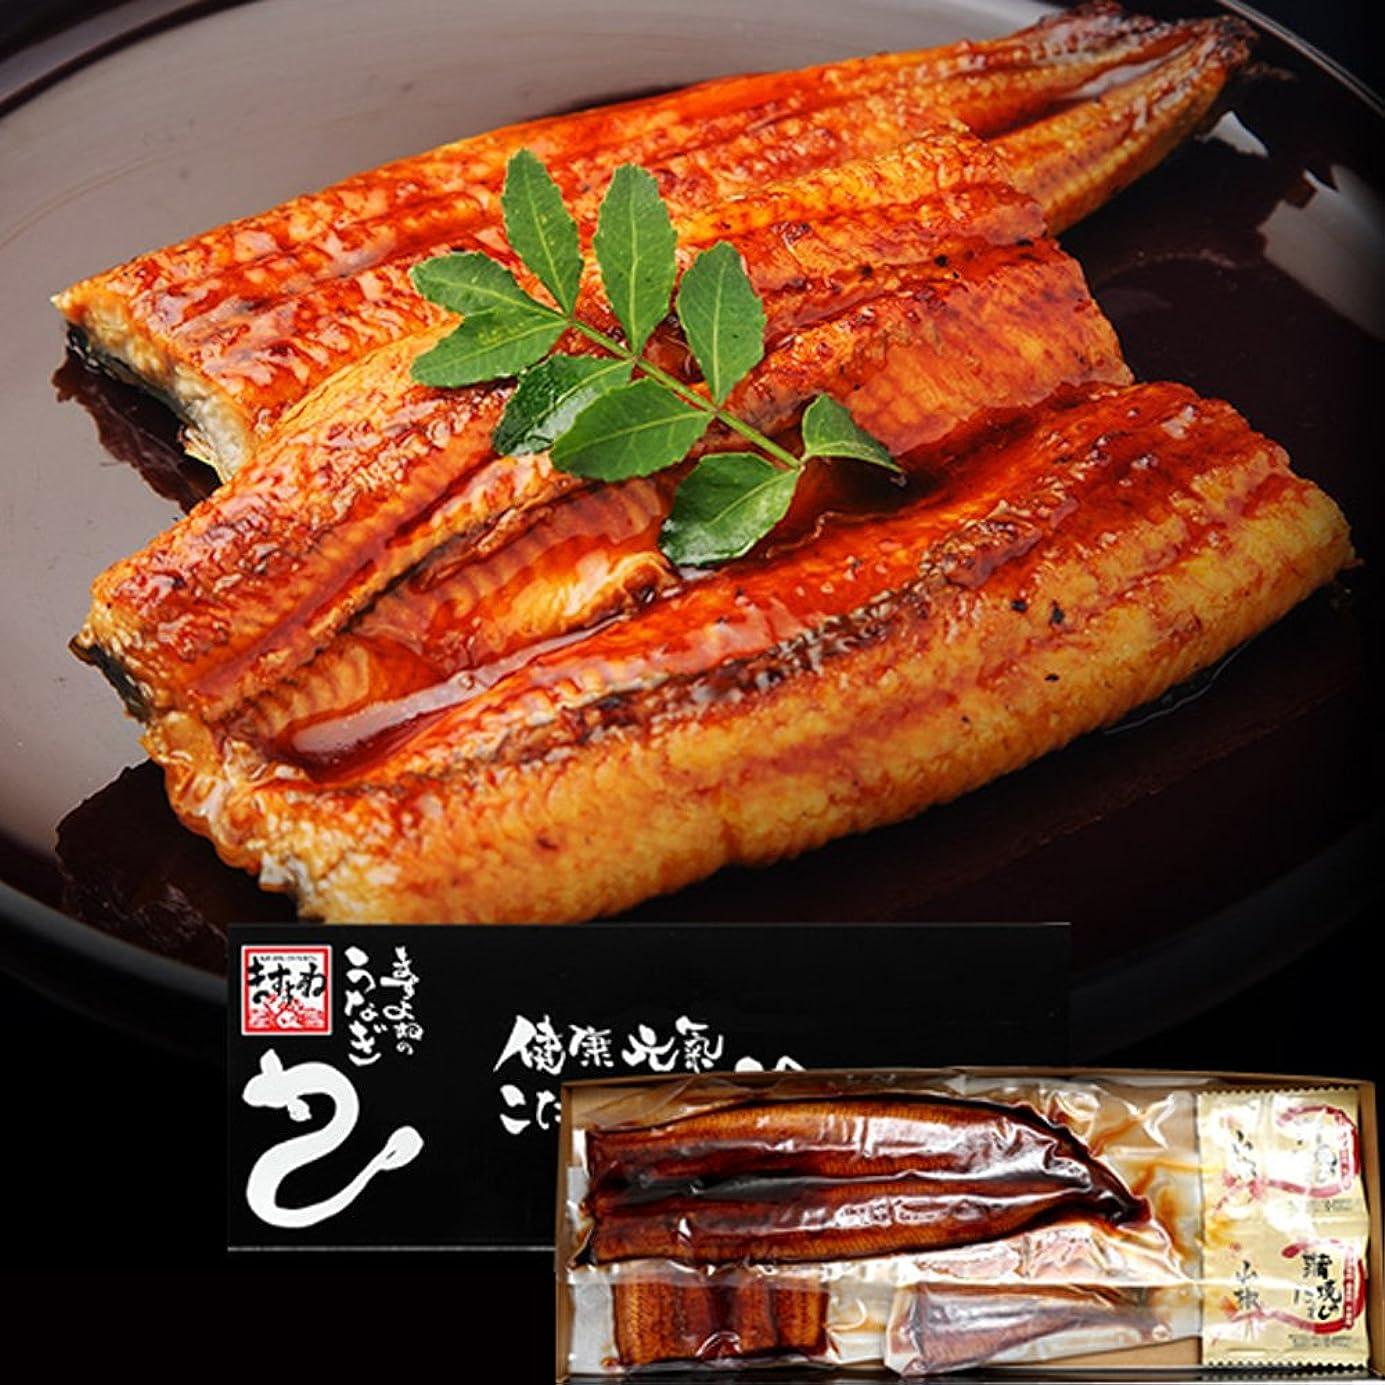 ますよね 特大 うなぎ蒲焼き (鰻蒲焼き1本 カット鰻2枚セット)[中国産] (3人前セット)